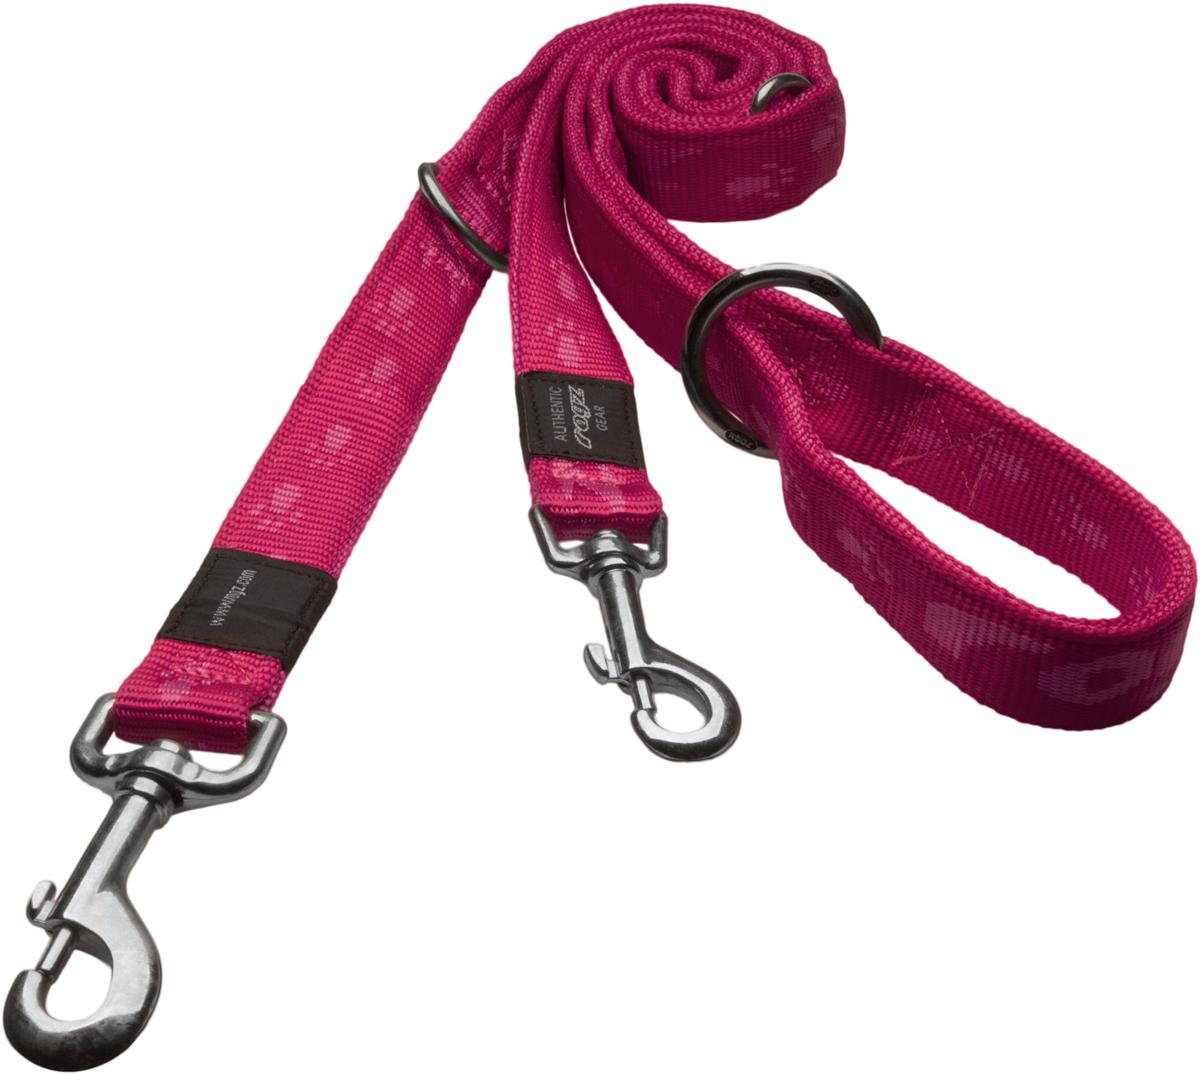 Поводок-перестежка для собак Rogz Alpinist, цвет: розовый, ширина 2 см. Размер L0120710Особо мягкий, но очень прочный поводок Rogz Alpinist обеспечит безопасность на прогулке даже самым активным собакам.Все соединения деталей имеют специальную дополнительную строчку для большей прочности.Выполненные специально по заказу Rogz литые кольца гальванически хромированы, что позволяет избежать коррозии и потускнения изделия.Многофункциональный поводок-перестежку можно использовать как: поводок для двух собак; короткий, средний или удлиненный поводок (1м, 1.3м, 1.6м); поводок через плечо; временную привязь.